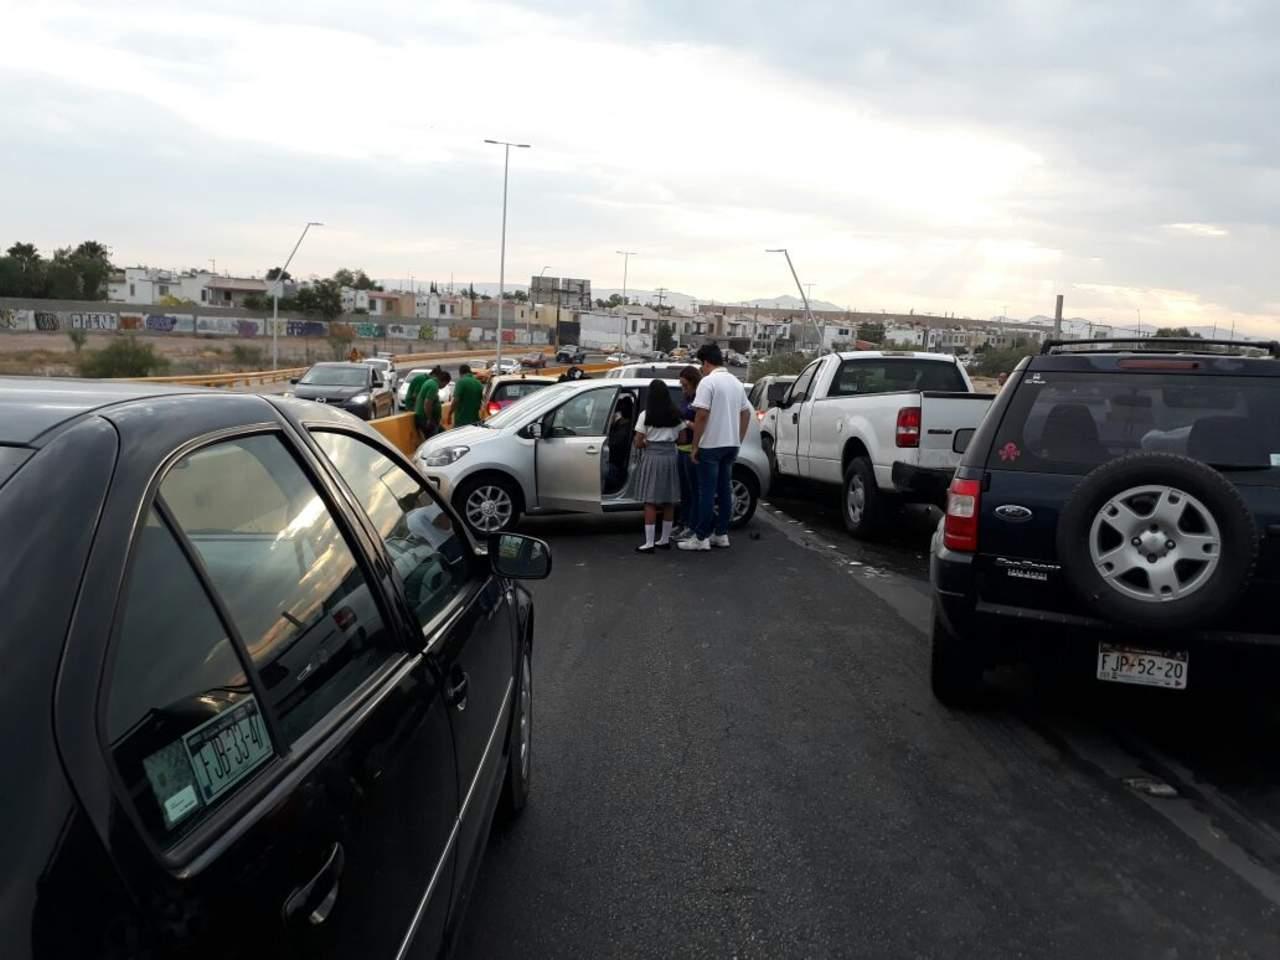 Se registran 3 accidentes en puente; 12 vehículos se vieron involucrados